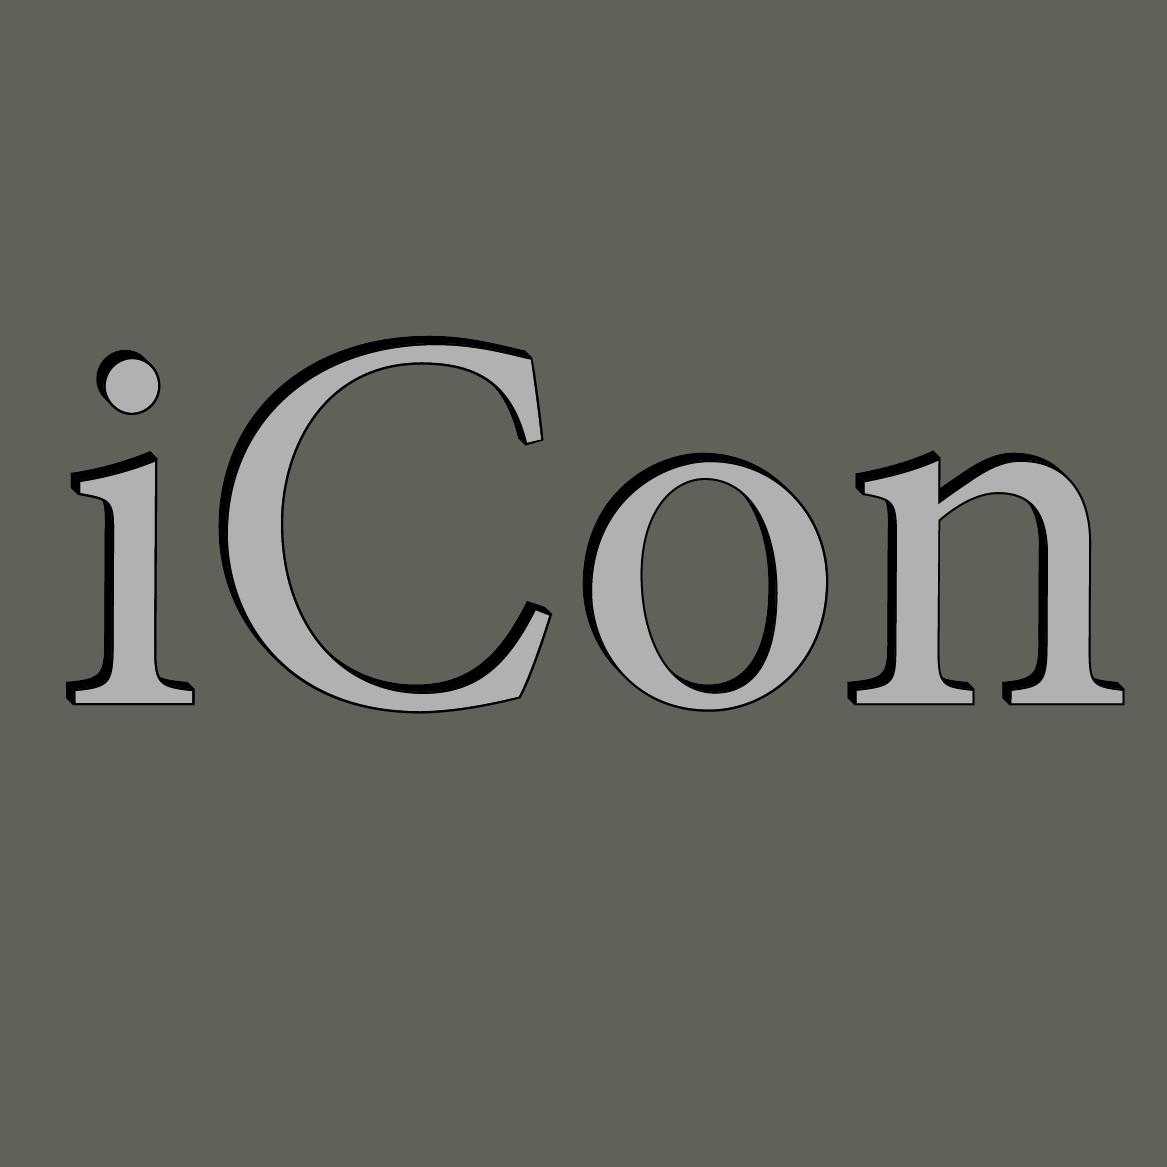 iConLogo.png